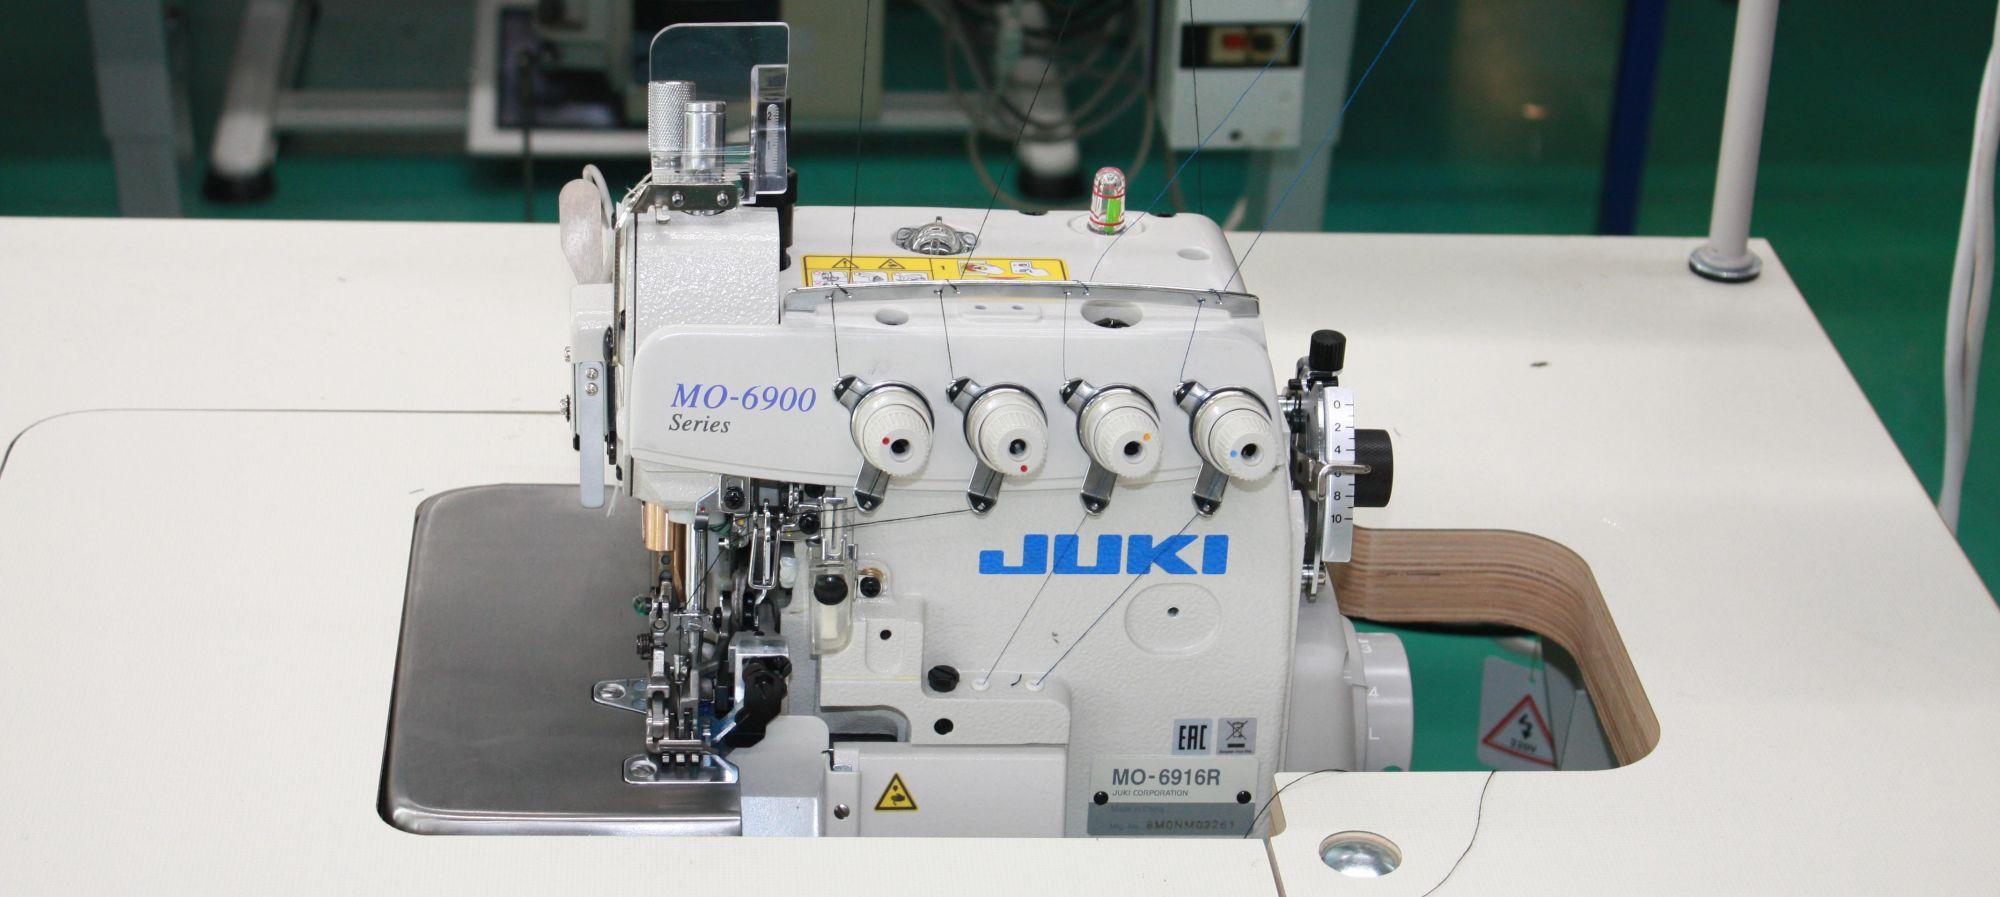 «Энергоконтракт» завершил очередной этап модернизации производства